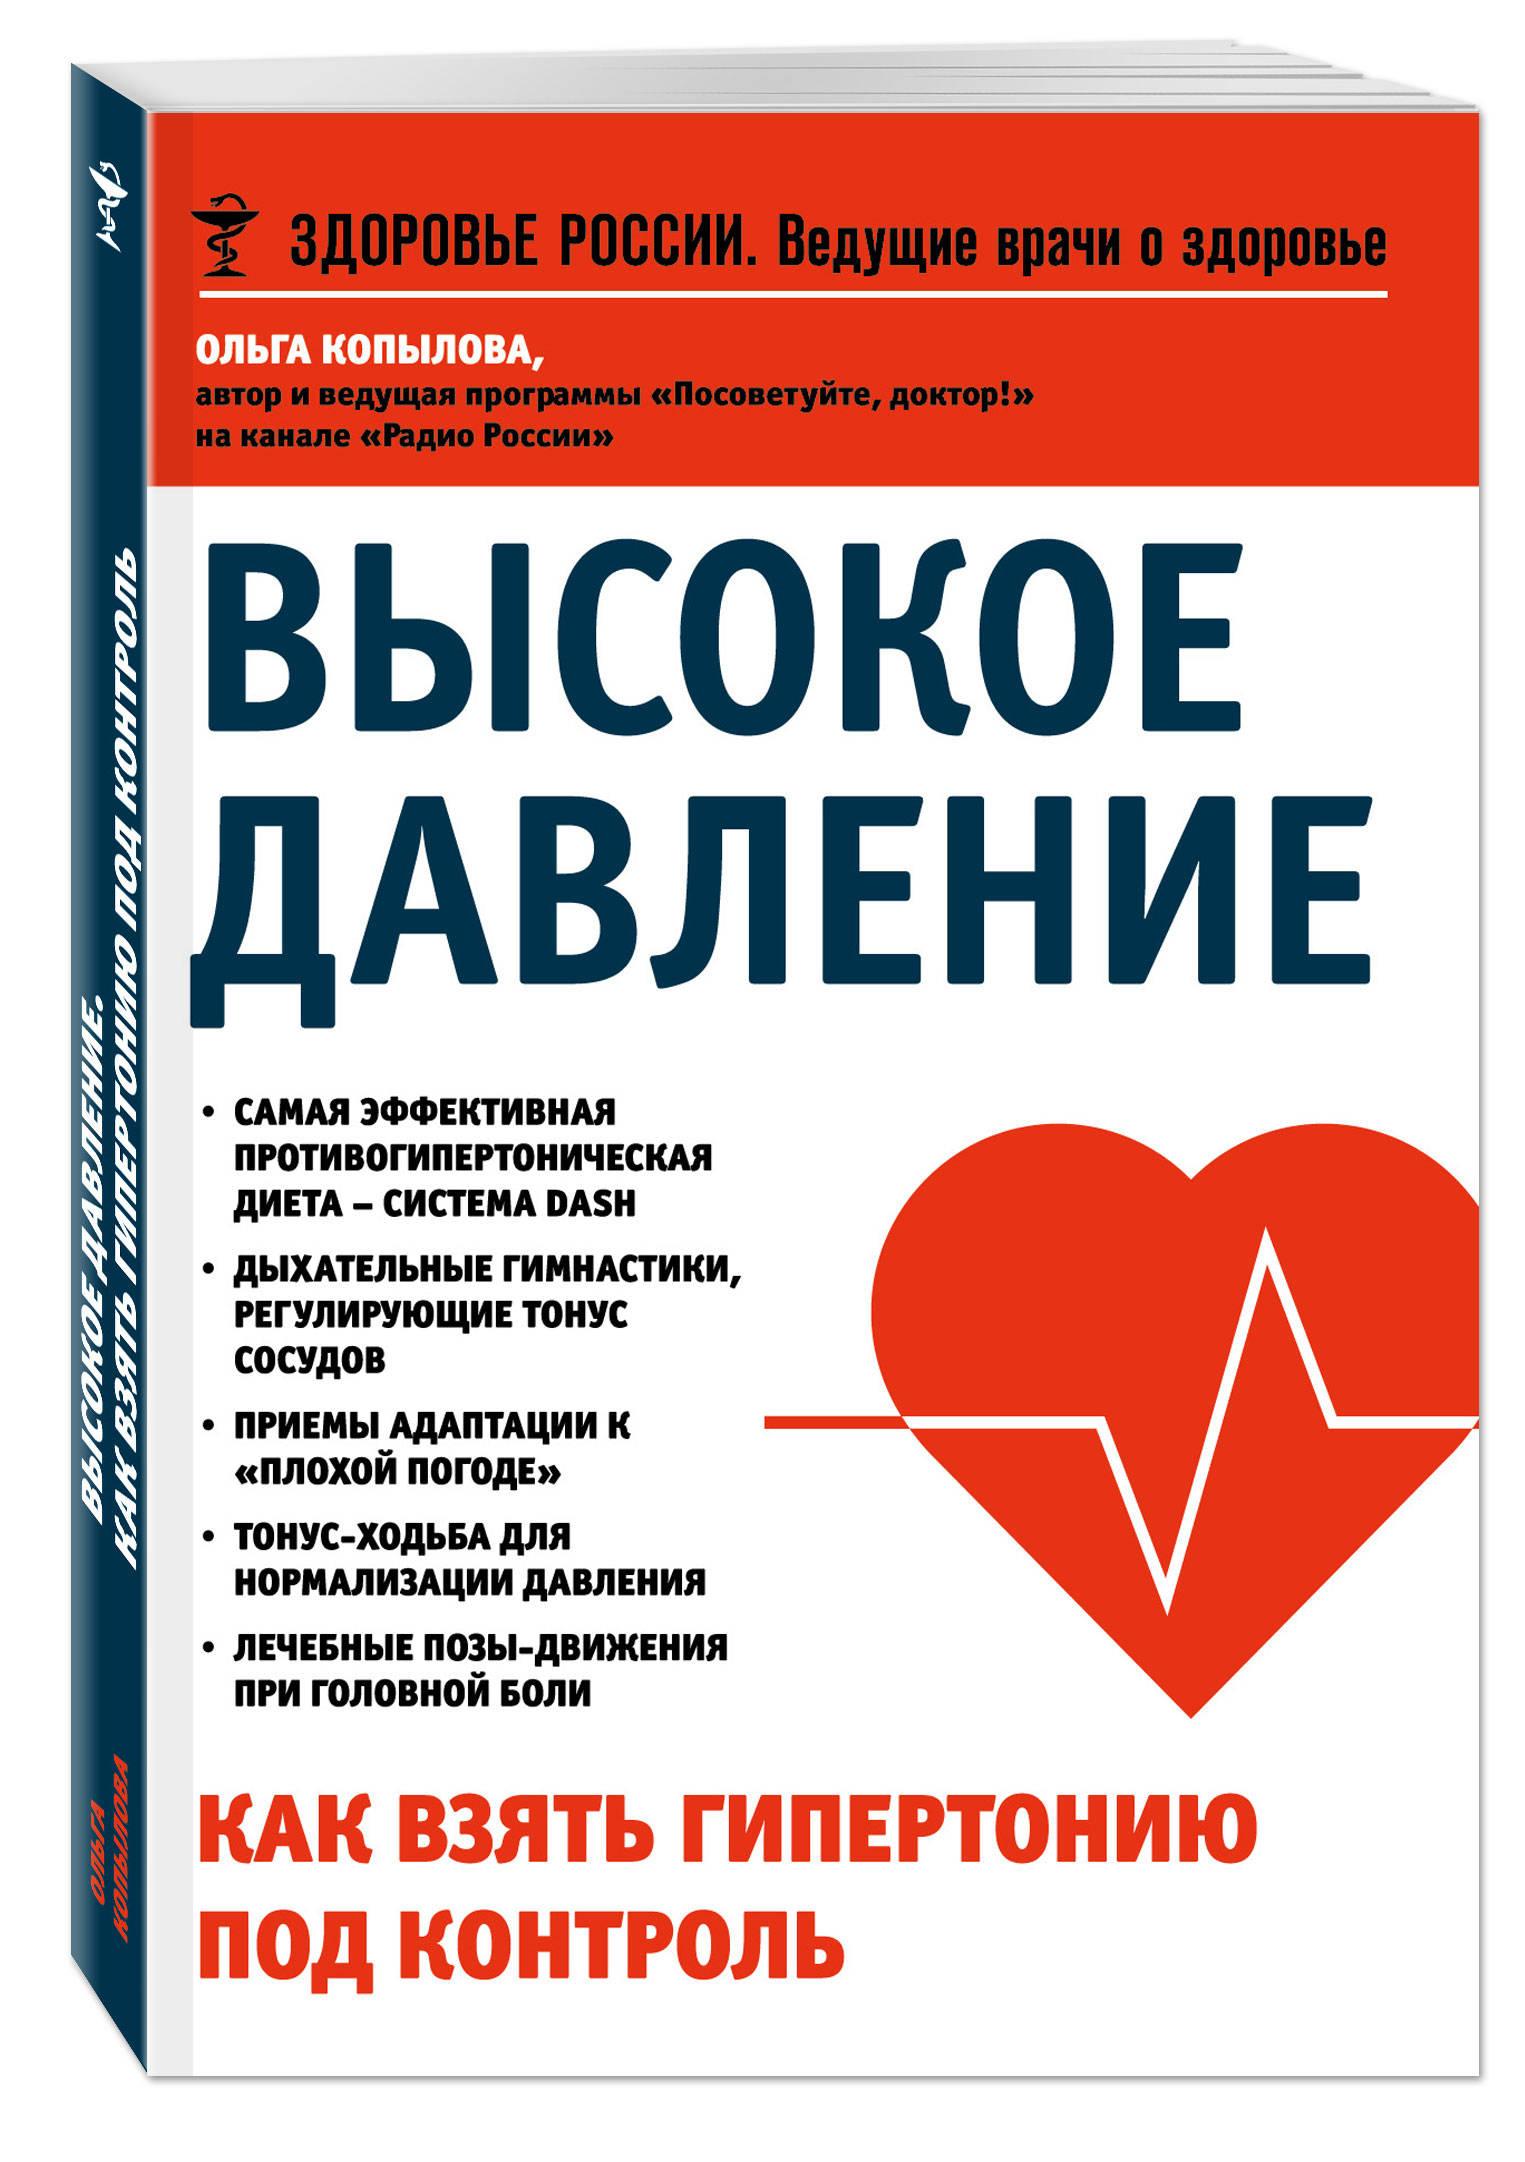 Копылова О.С. Высокое давление. Как взять гипертонию под контроль ISBN: 978-5-699-86824-7 ольга копылова высокое давление как взять гипертонию под контроль